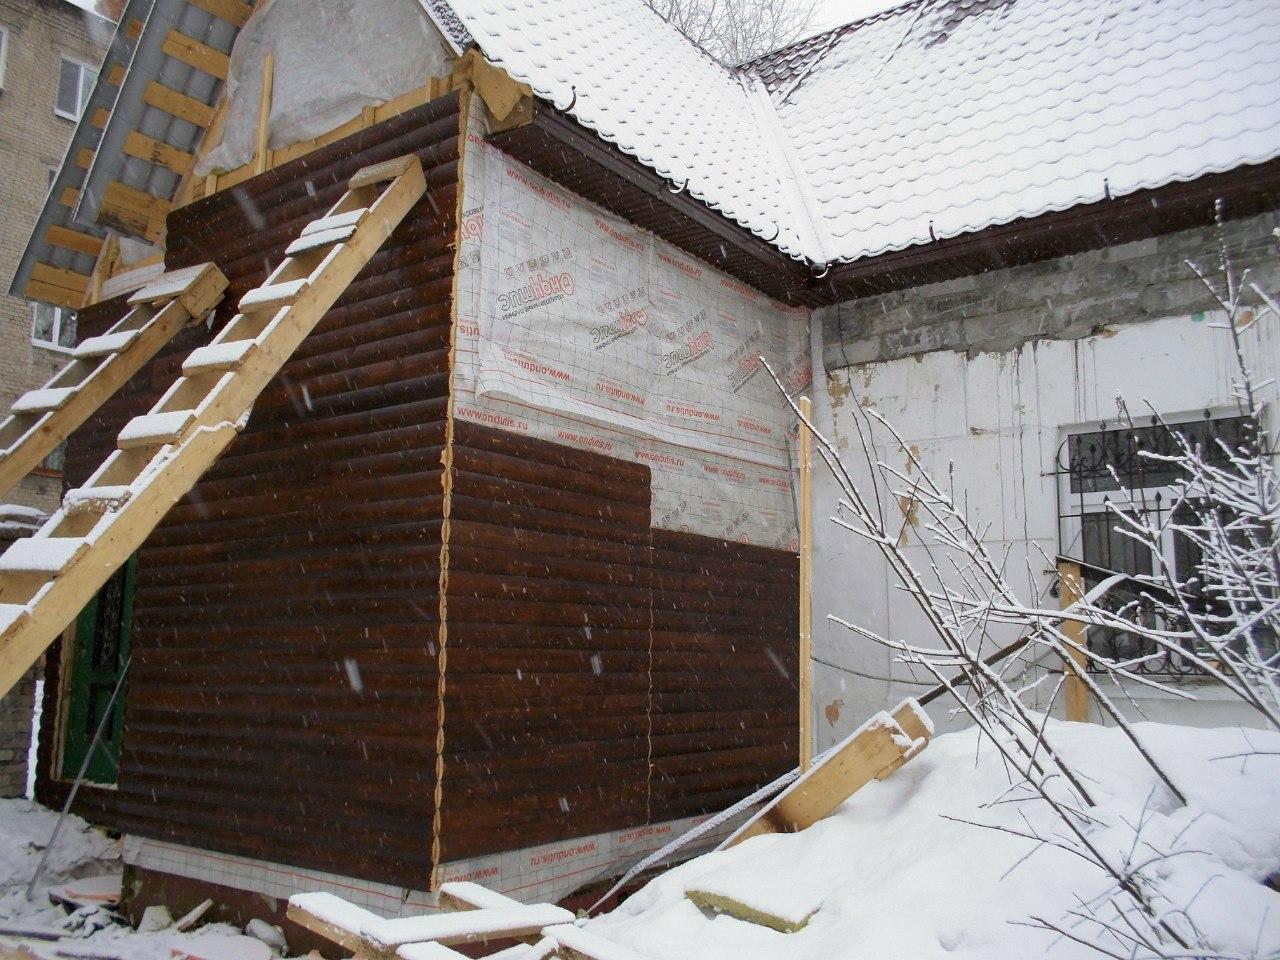 Начались ремонтные работы по фасаду старого здания часовни Луки Войно-Ясенецкого: фасад обшивается ветро- и влагозащитной пленкой и блокхаусом.